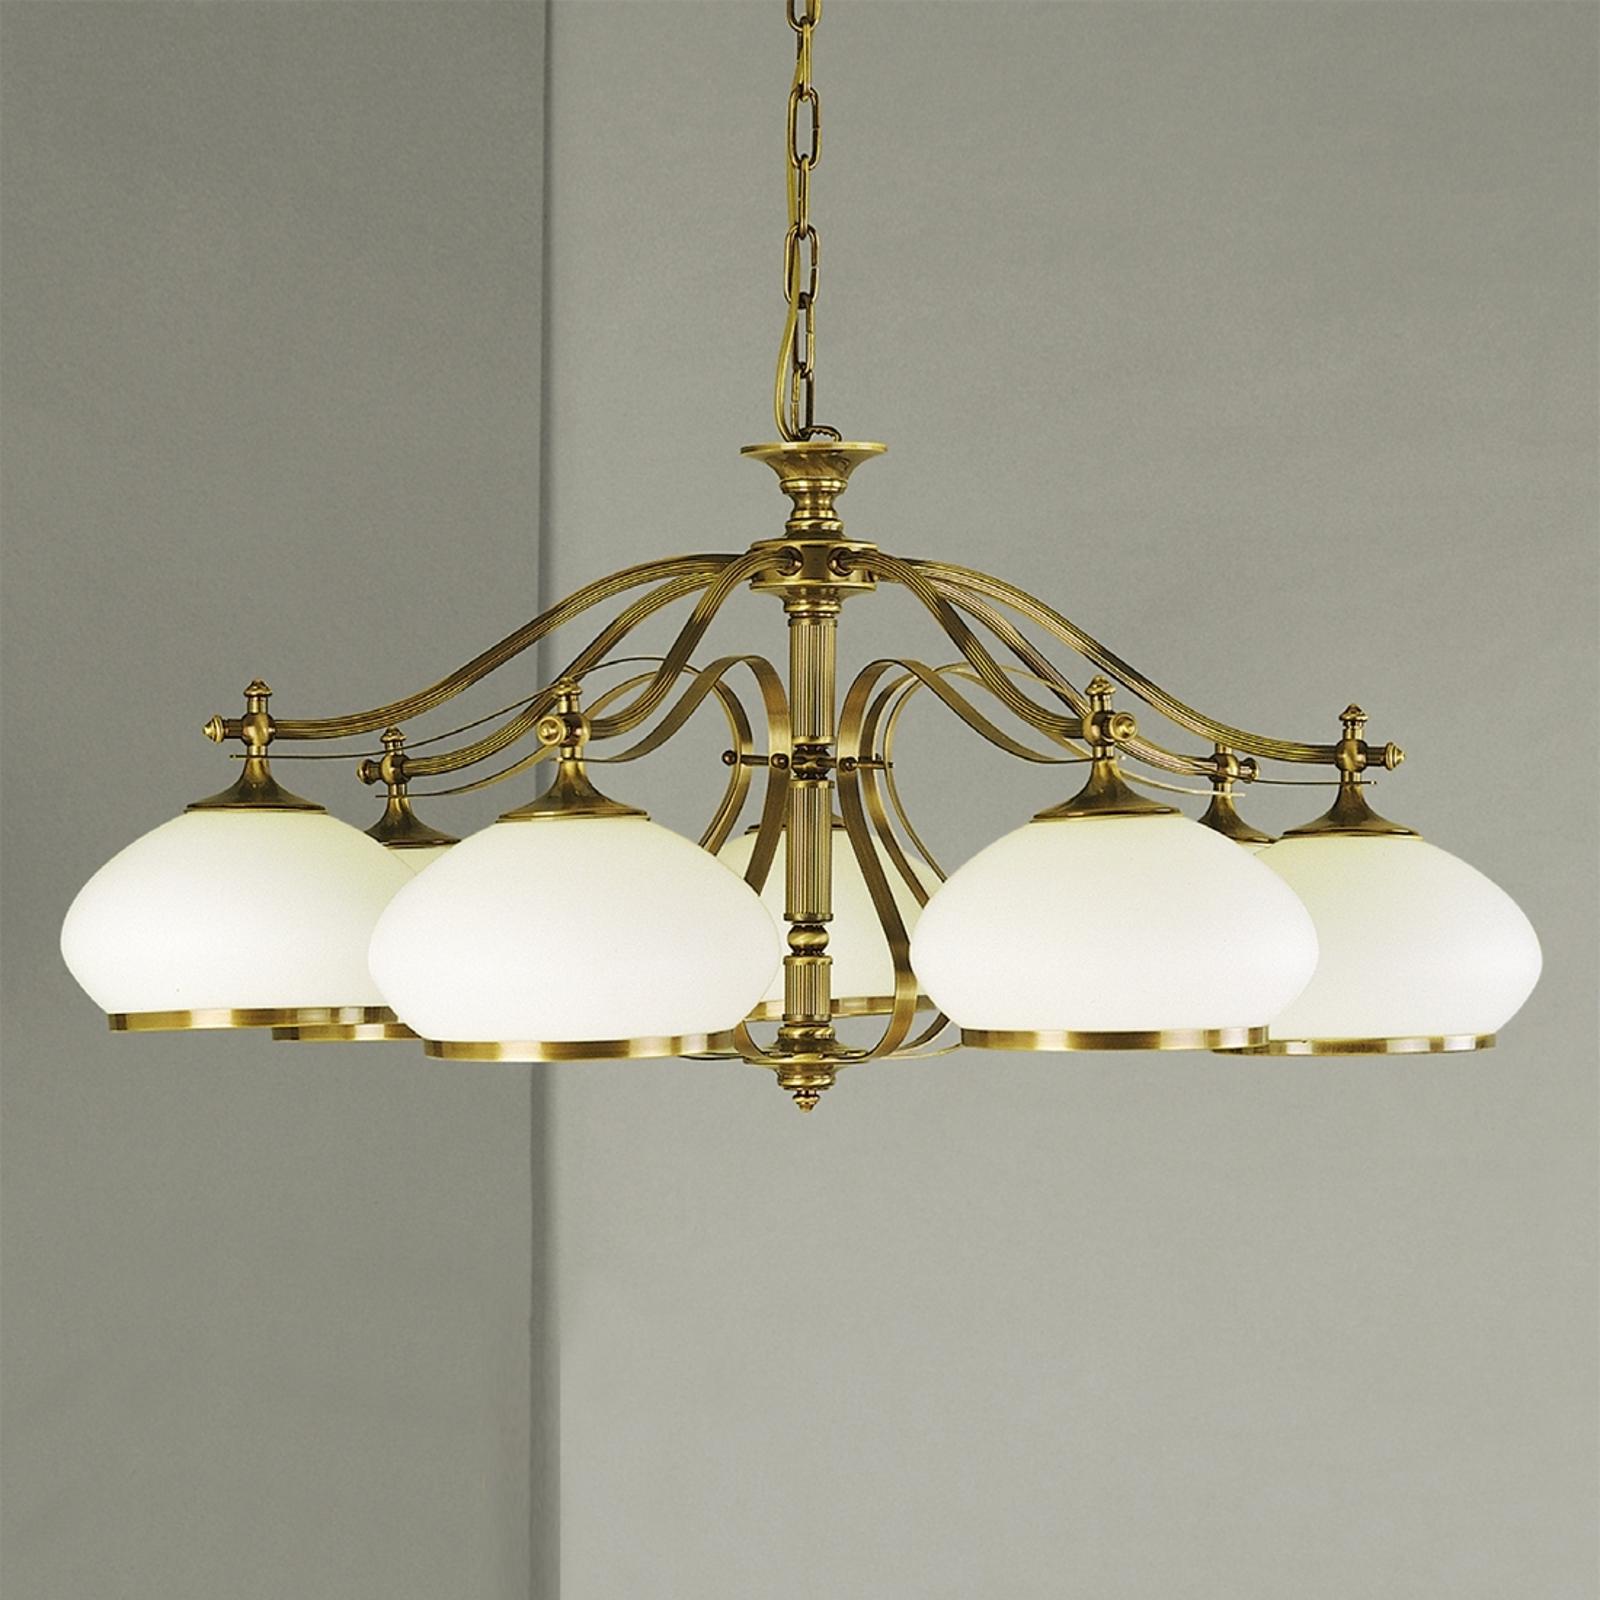 Lumoava Empira riippuvalaisin, 7-lamp. antiikkimes